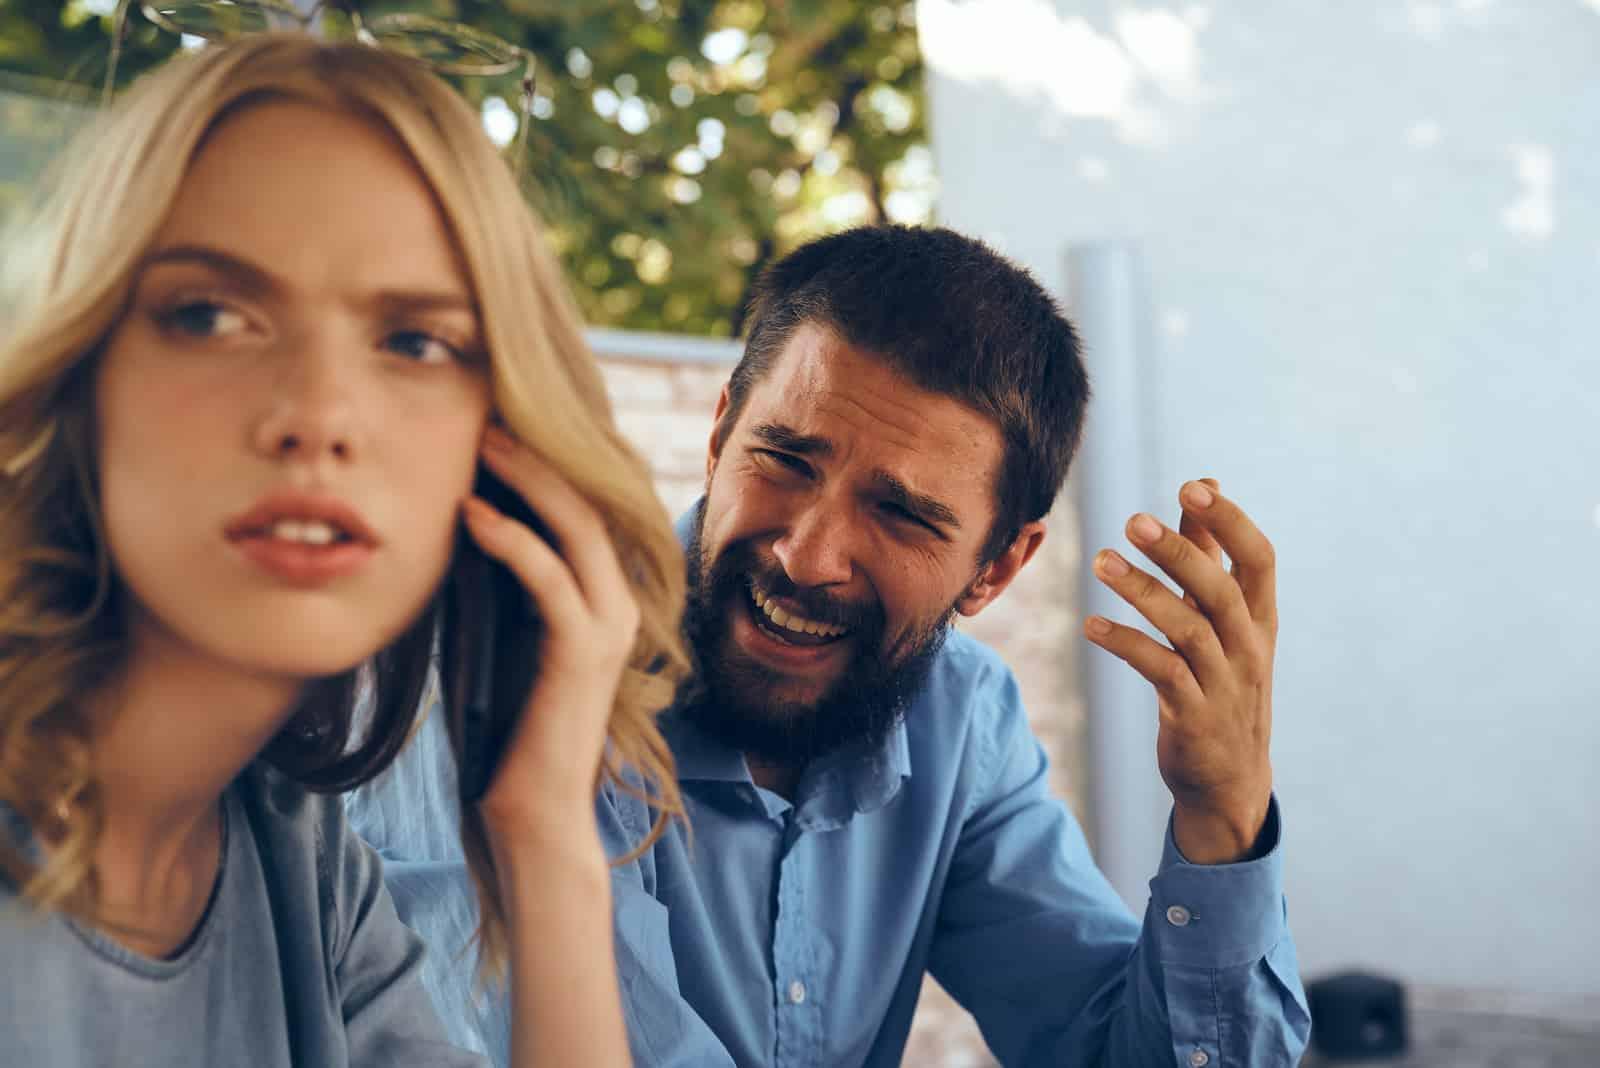 Ein bärtiger Mann kritisiert eine traurige Frau